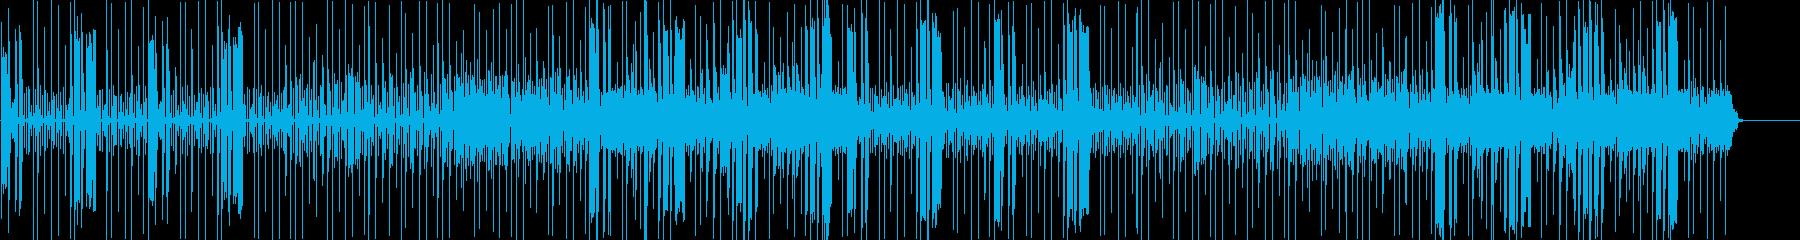 キャラがボケた時に使う曲の再生済みの波形